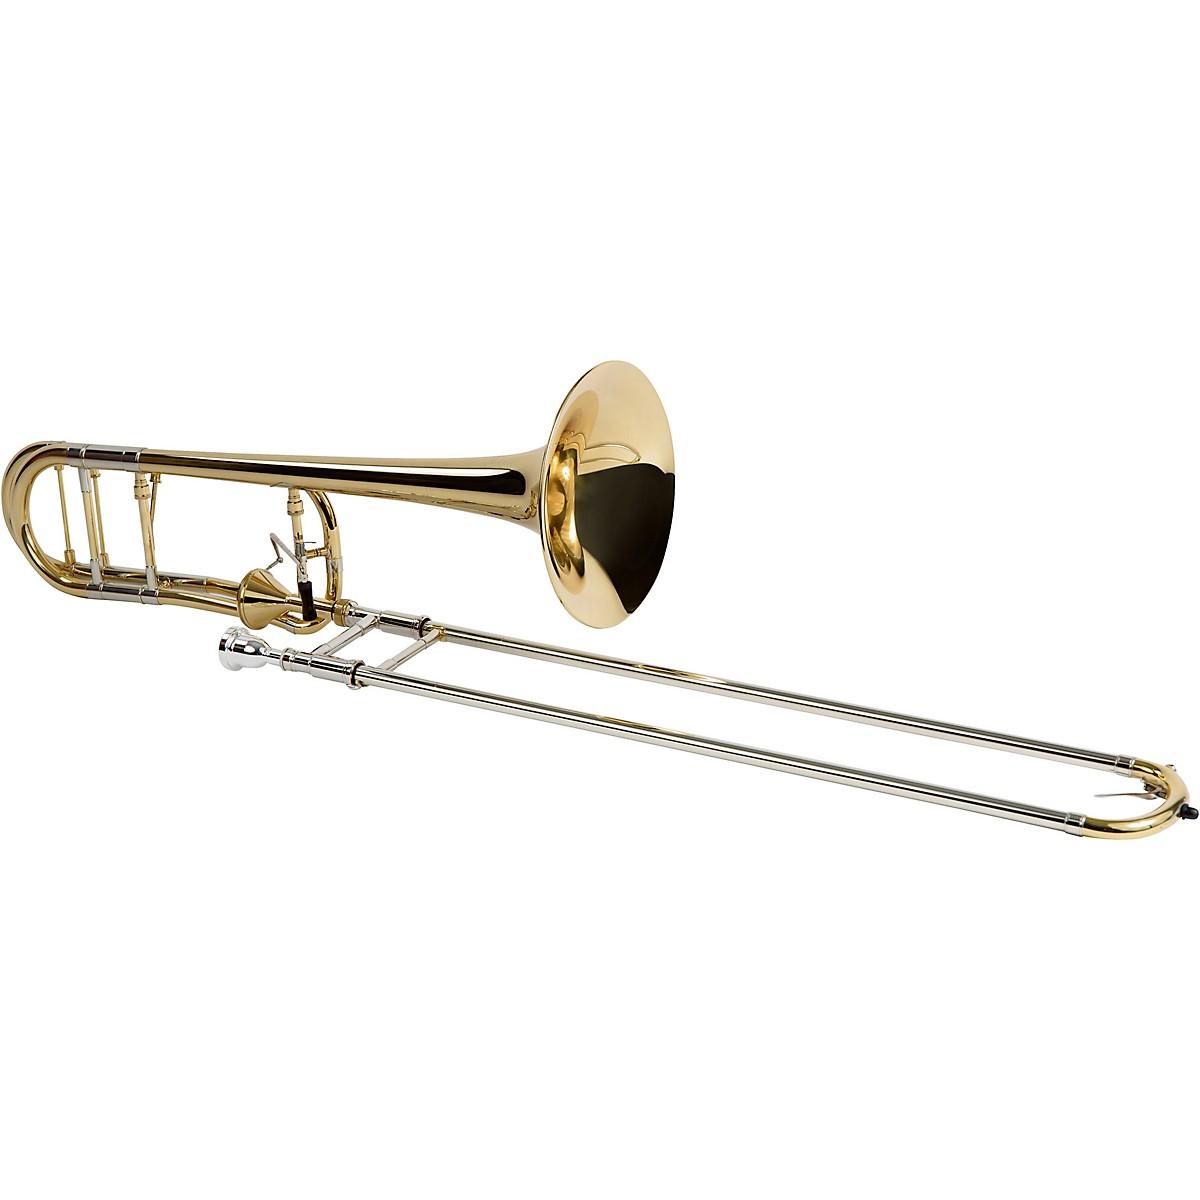 Allora ATB-550 Paris Series Professional Trombone